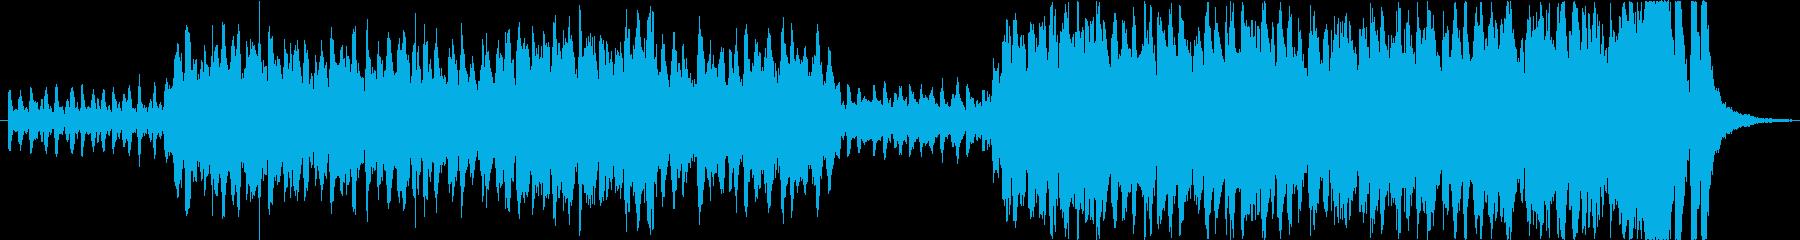 期待感高まるオーケストラ曲の再生済みの波形